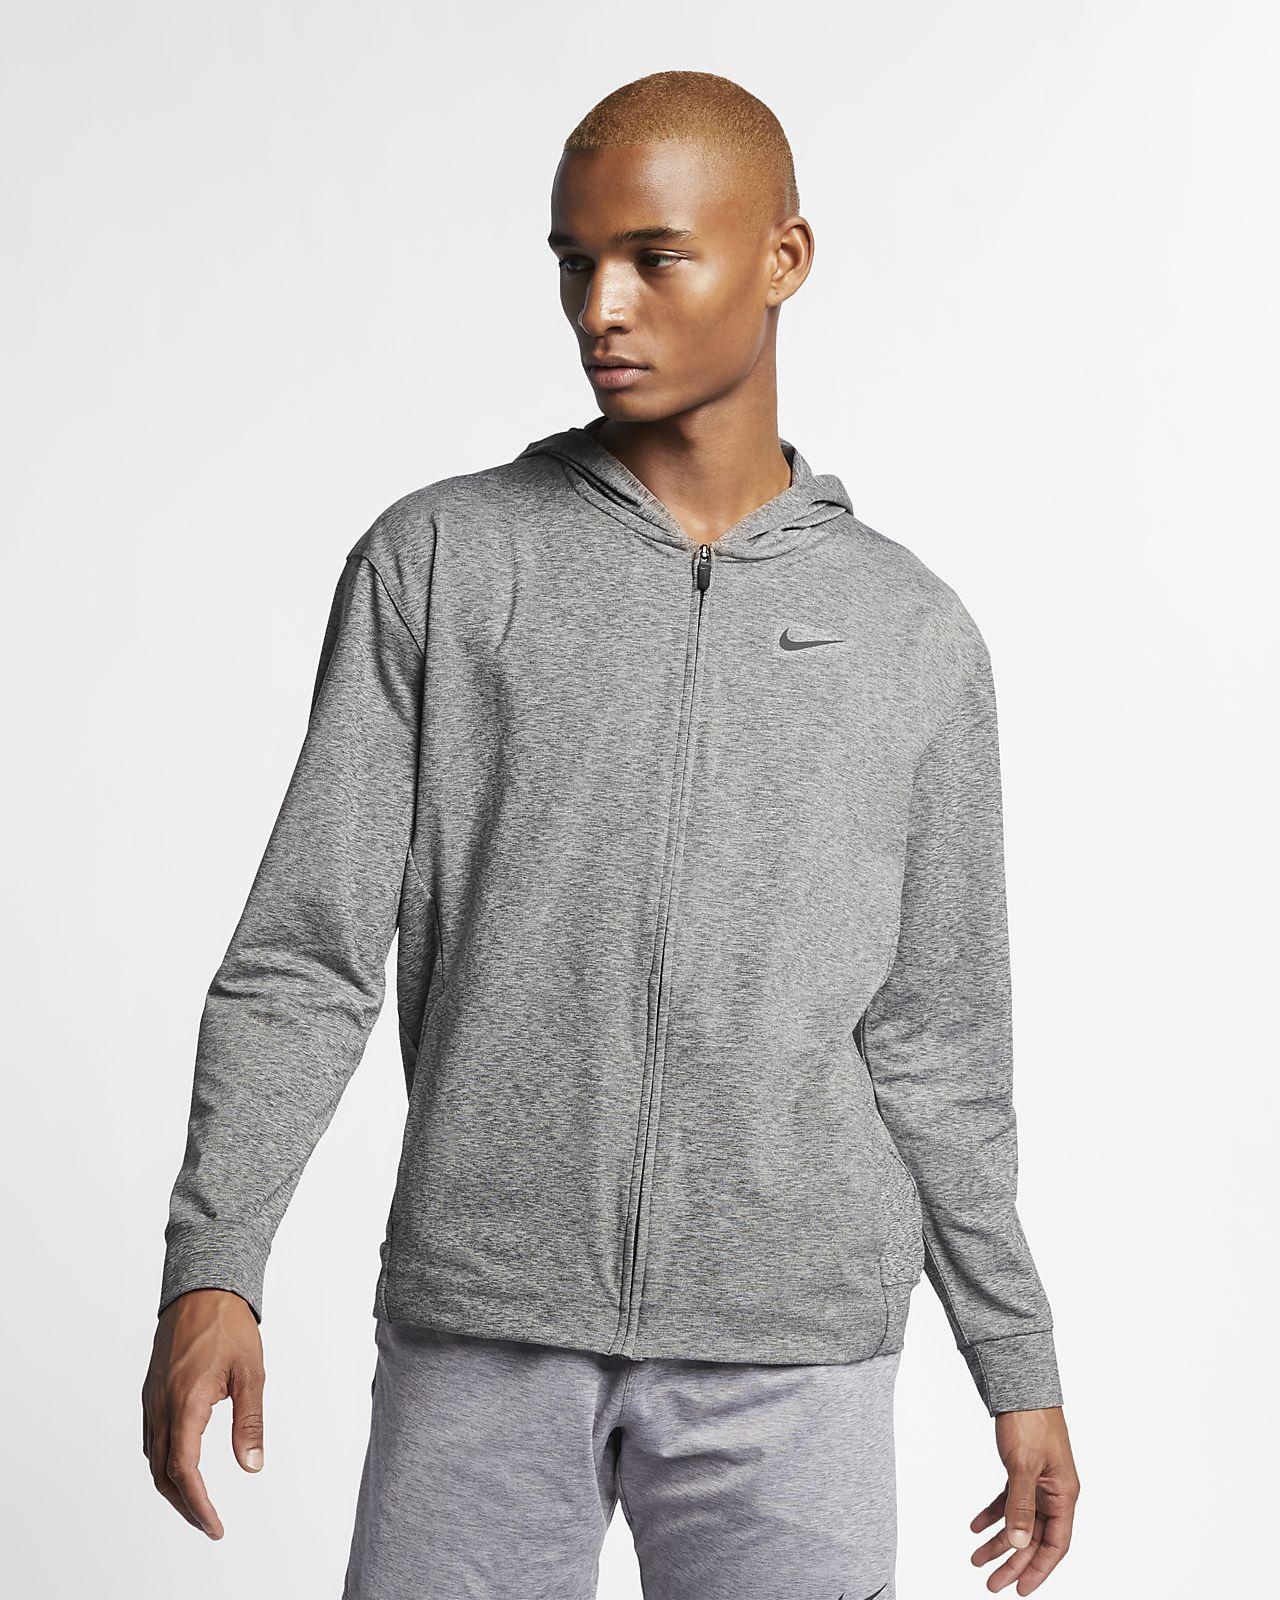 Nike Dri FIT Men's Full Zip Yoga Training Hoodie